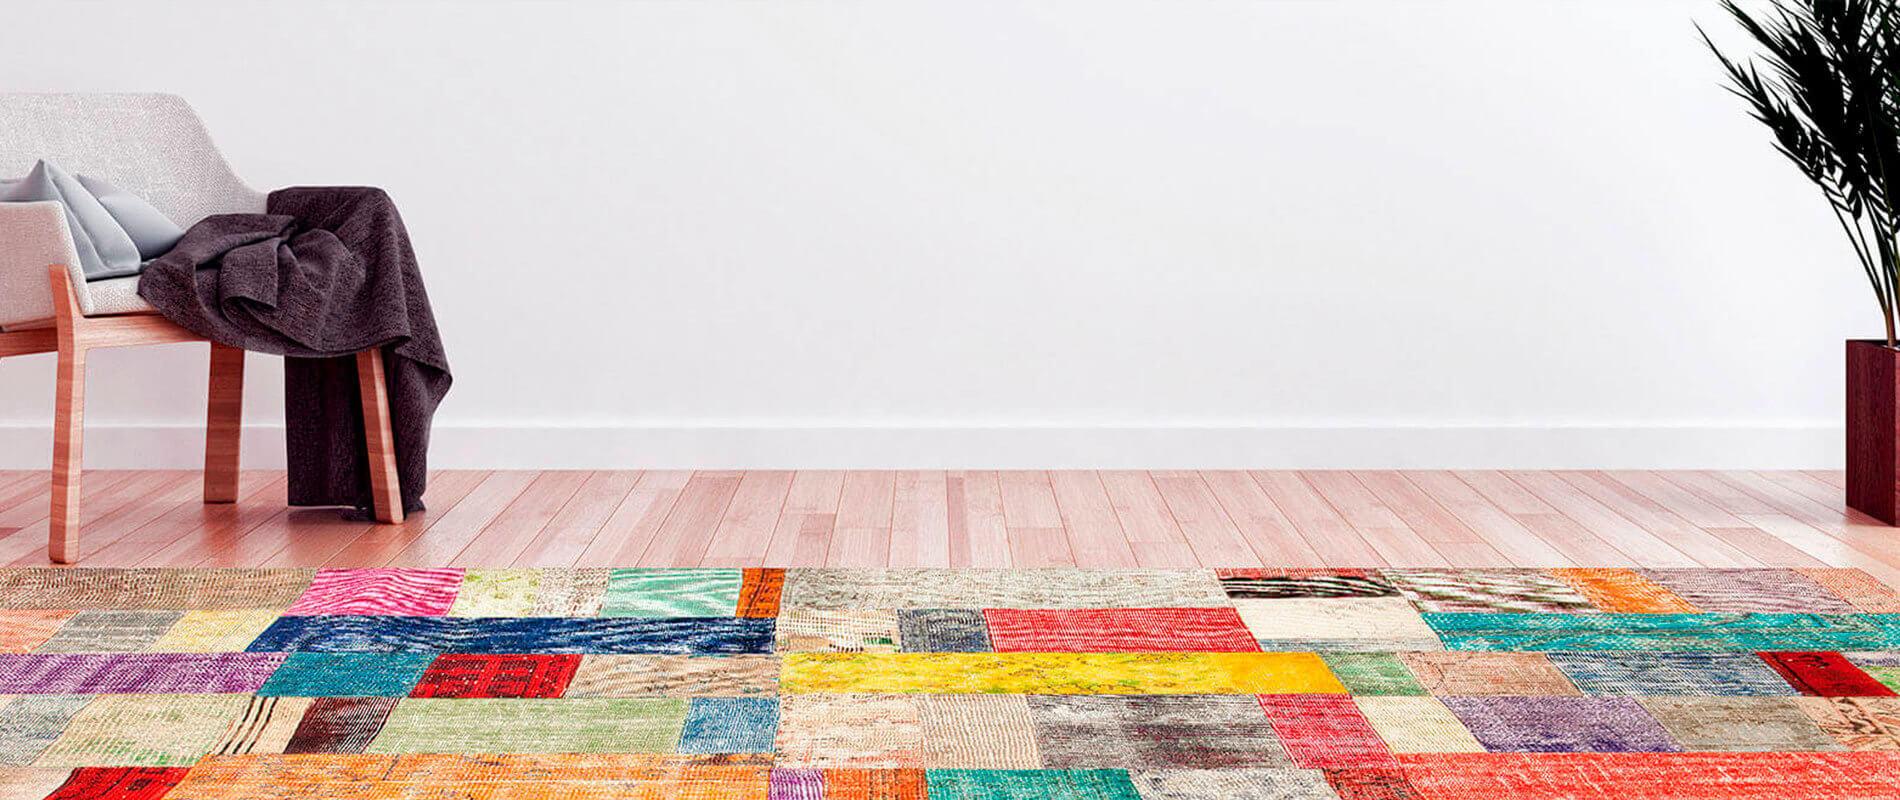 Servicio de lavado y limpieza de alfombras a domicilio en santiago